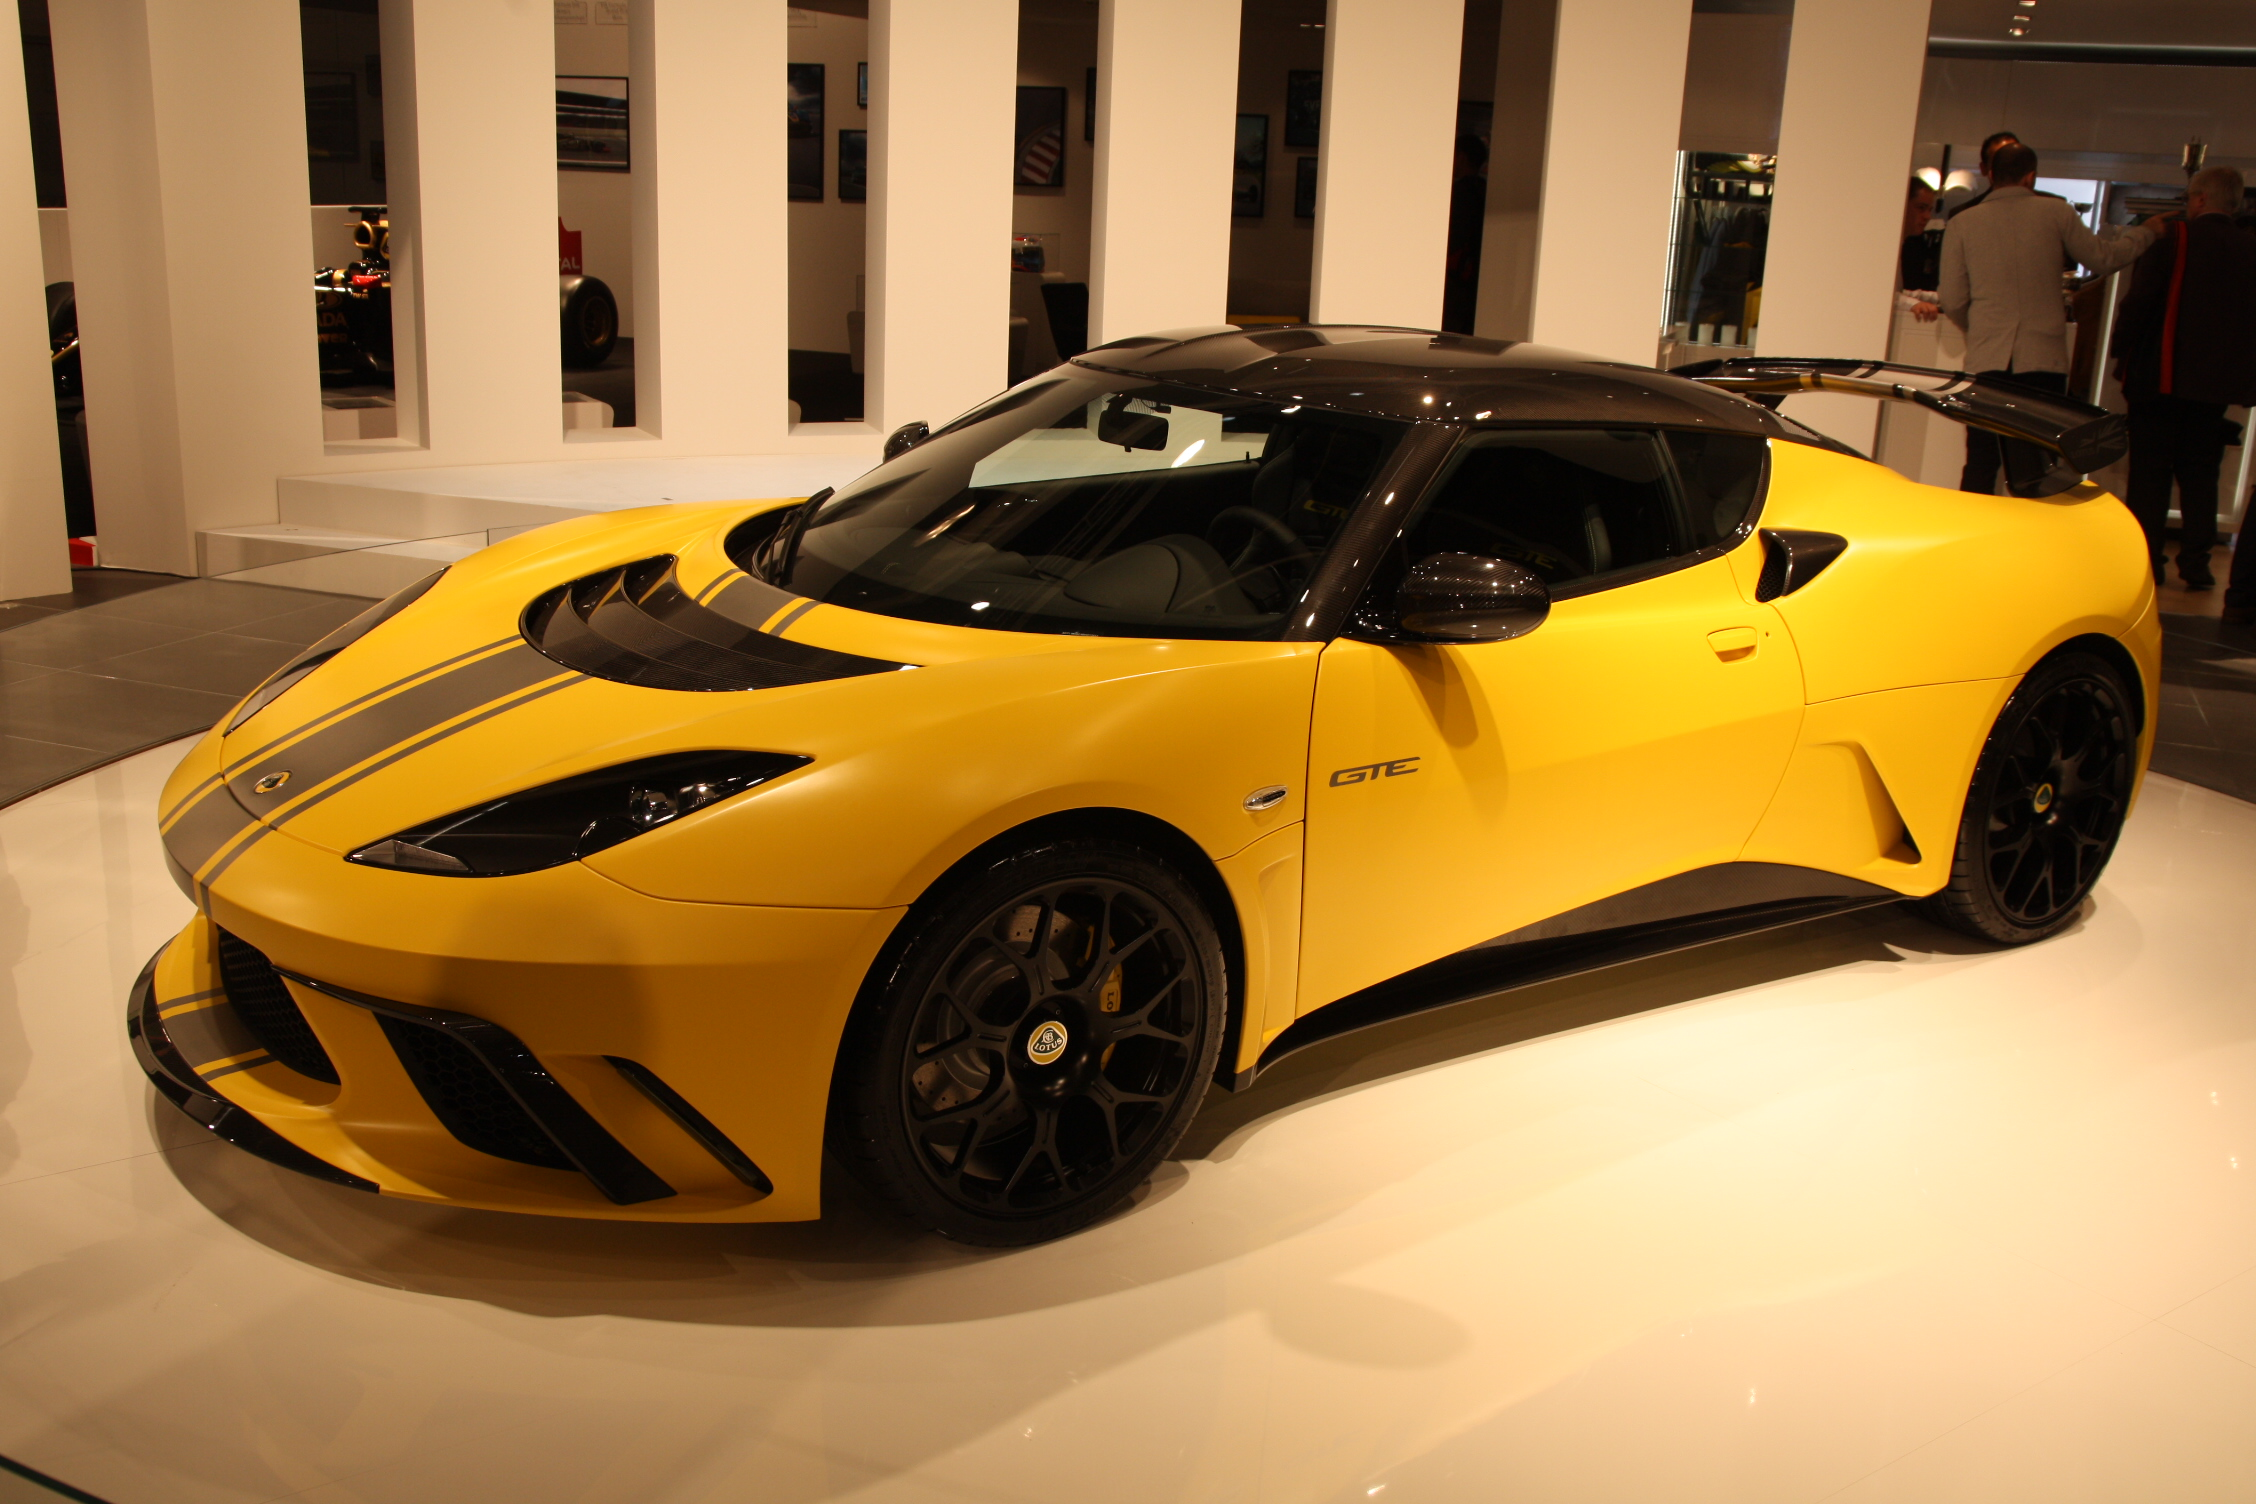 Lotus Evora GTE S0-En-direct-du-salon-de-Francfort-2011-Lotus-Evora-GTE-simplement-la-Lotus-la-plus-puissante-jamais-construite-237500